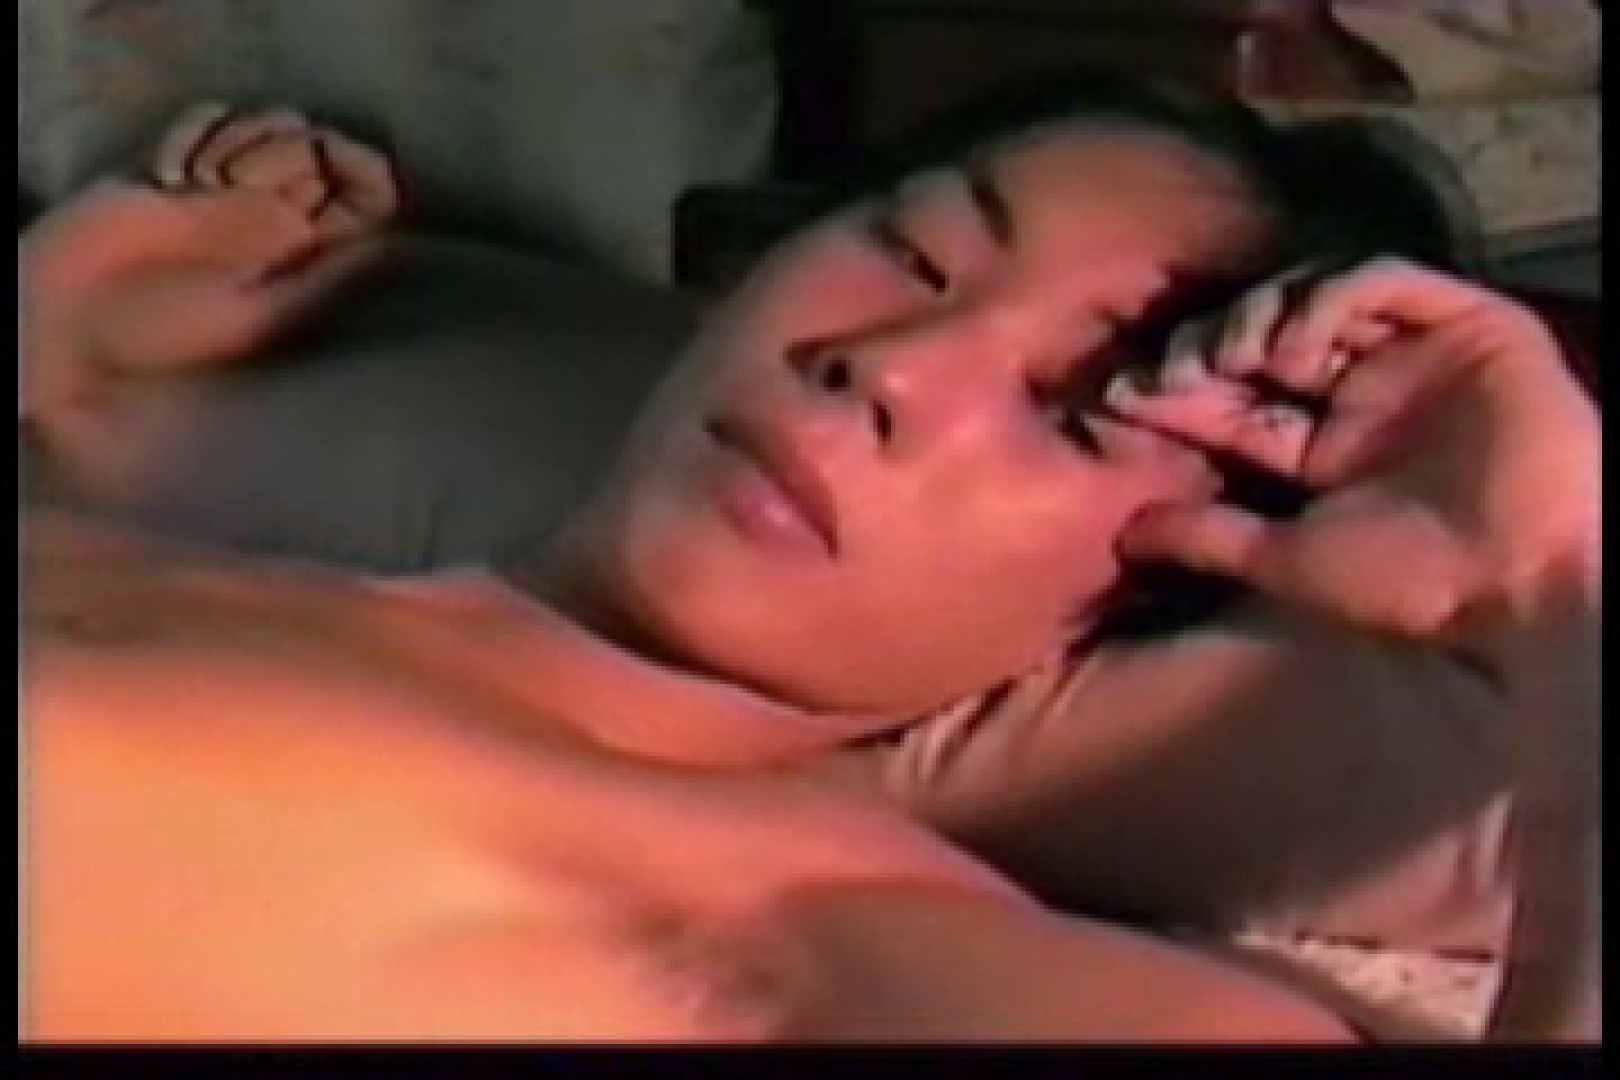 【個人製作】若き男子たちのジャム遊び アナル攻撃 ゲイモロ画像 65pic 31